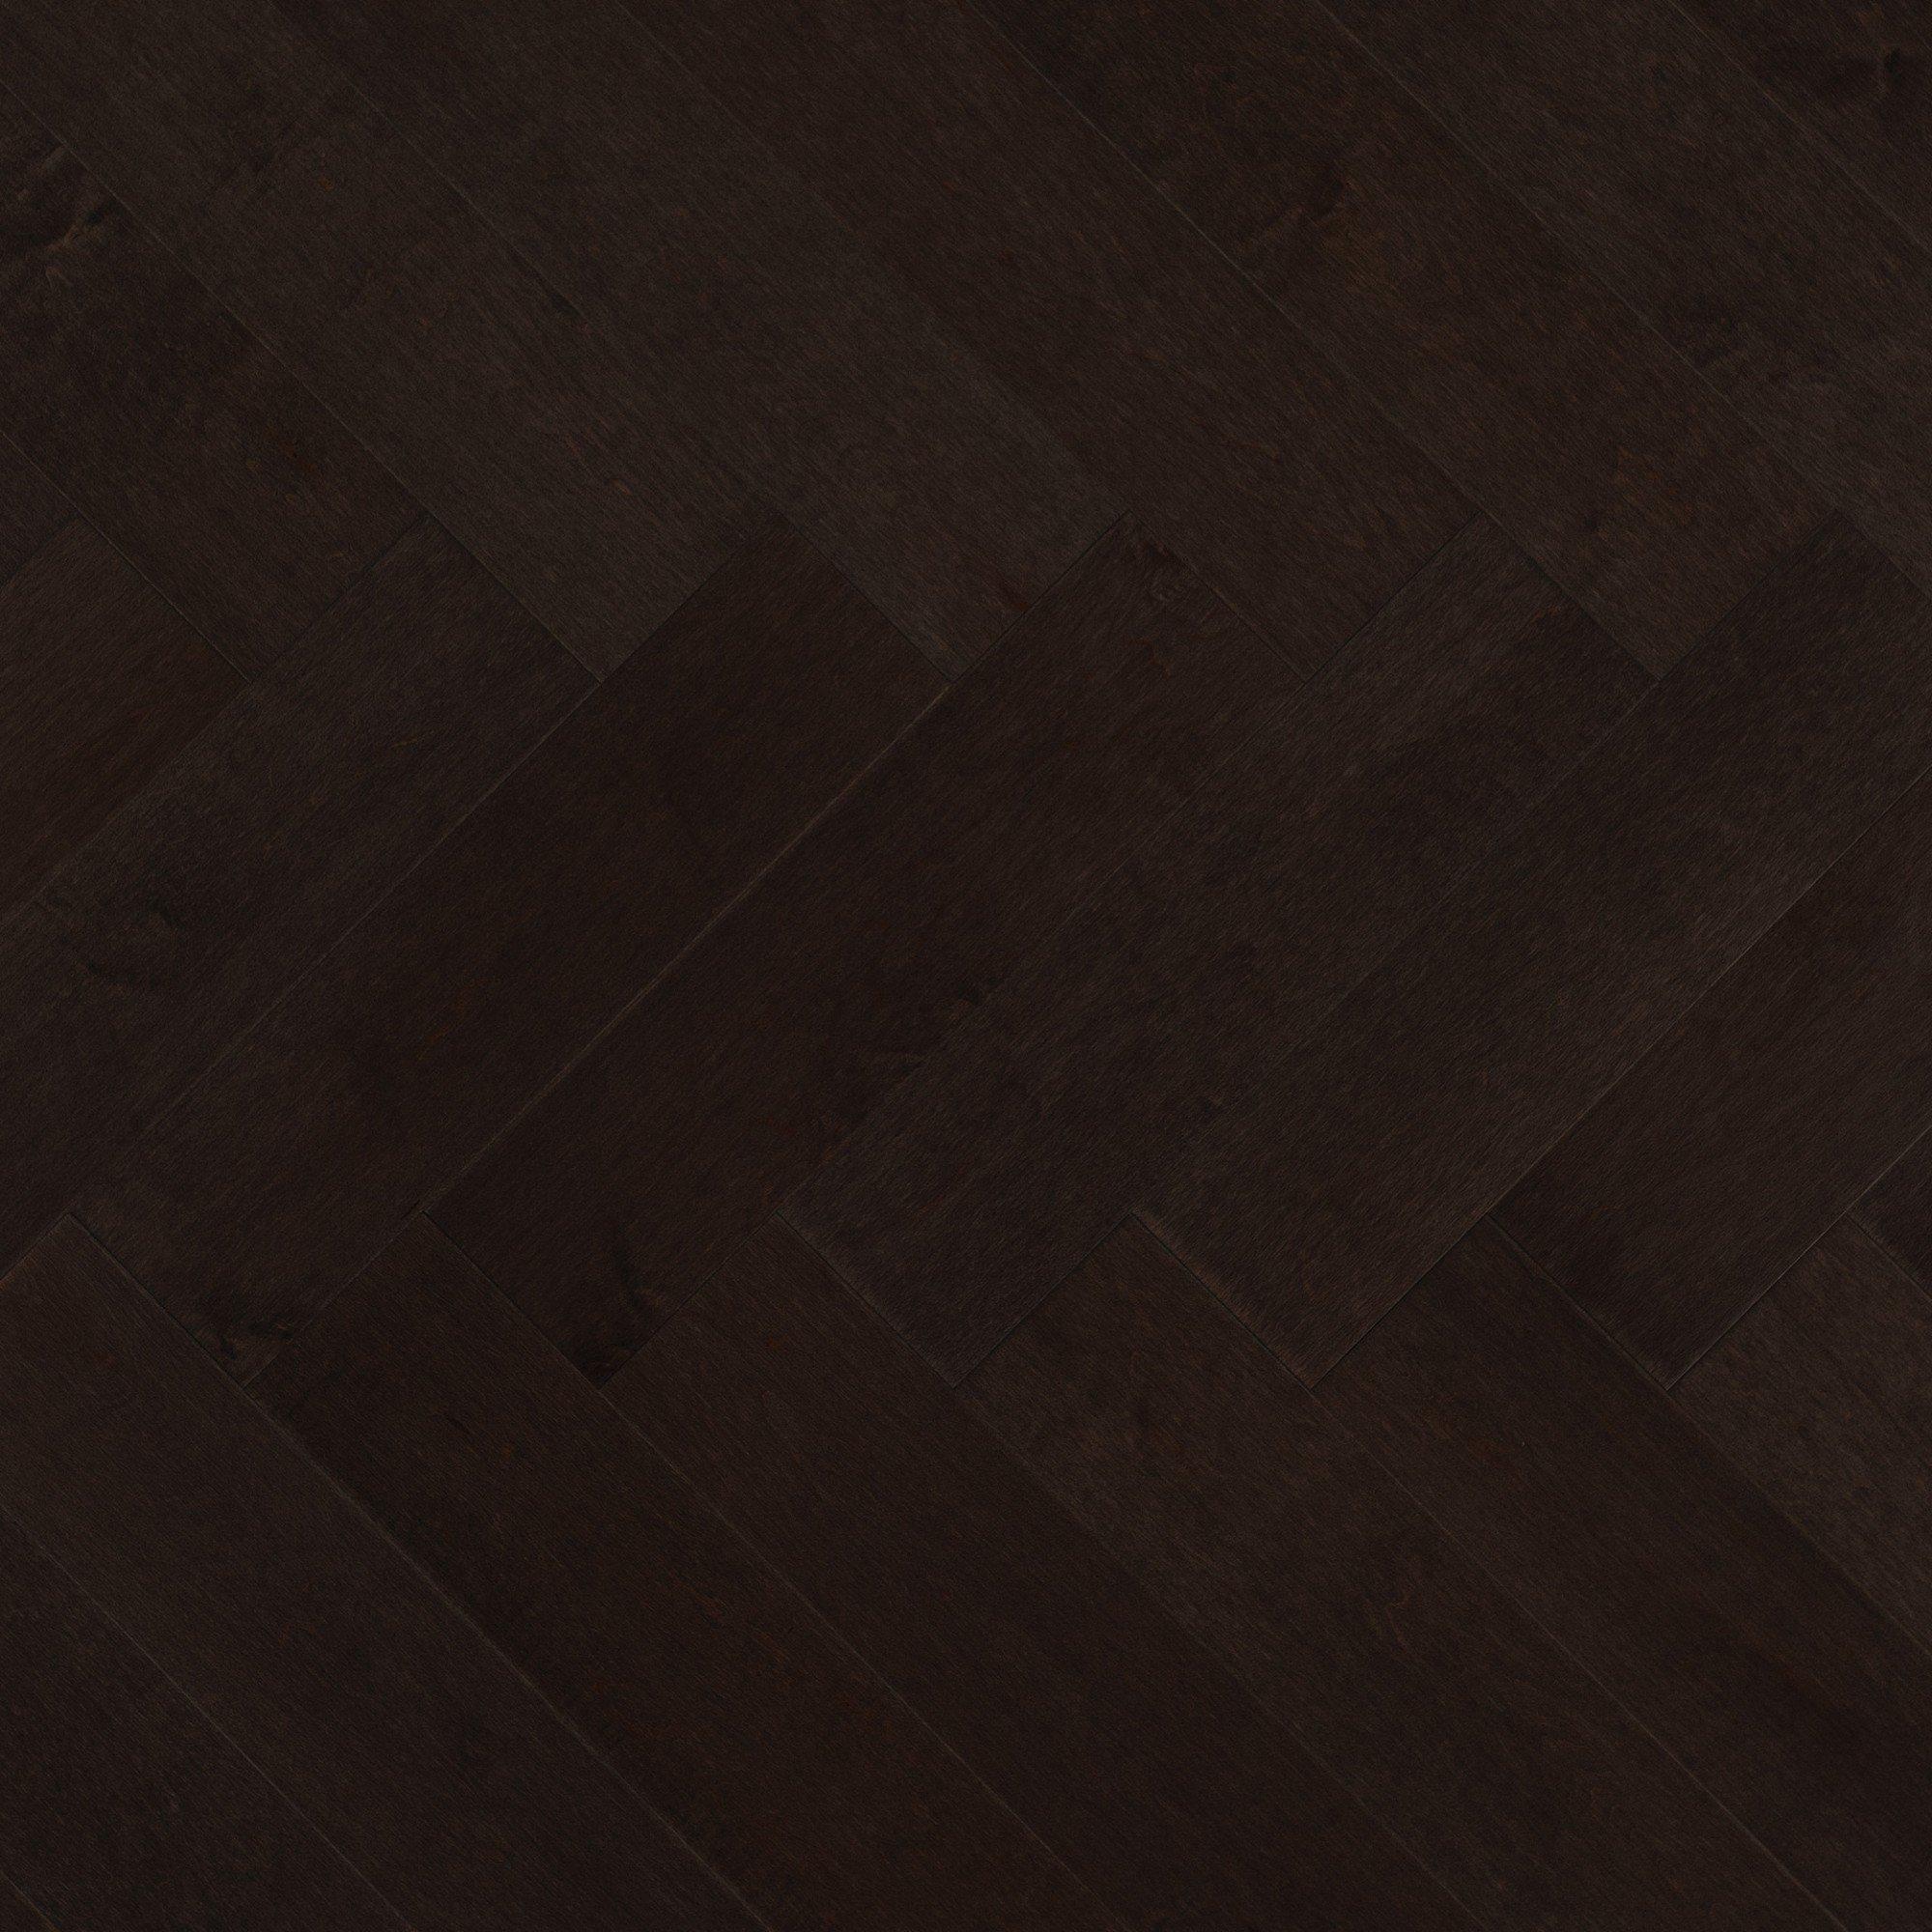 Érable Graphite Exclusive Lisse - Image plancher